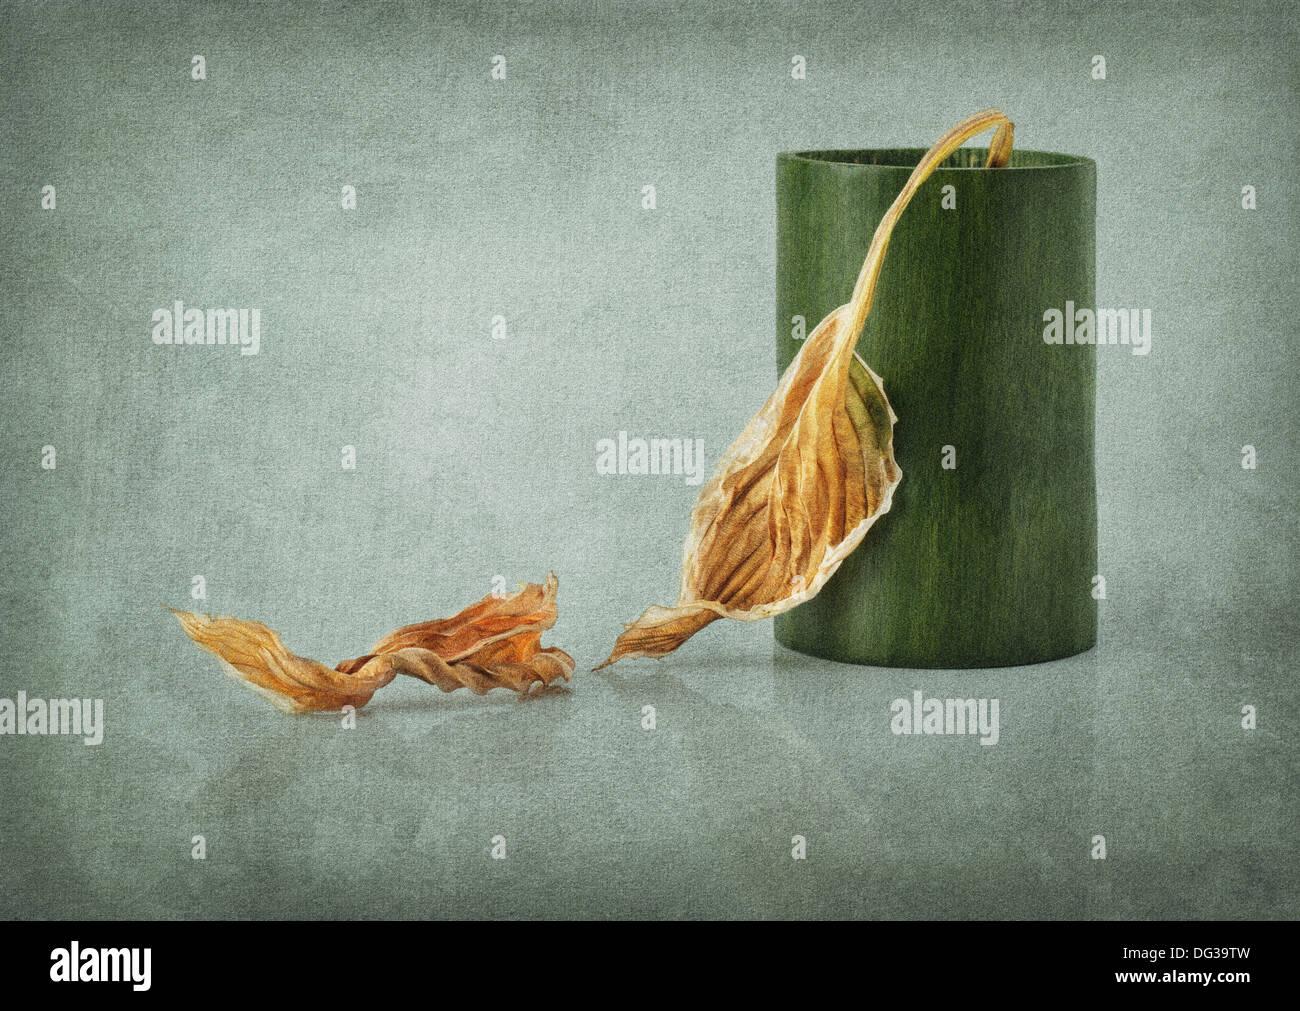 Automne Nature morte avec incrustation de texture granuleuse Photo Stock